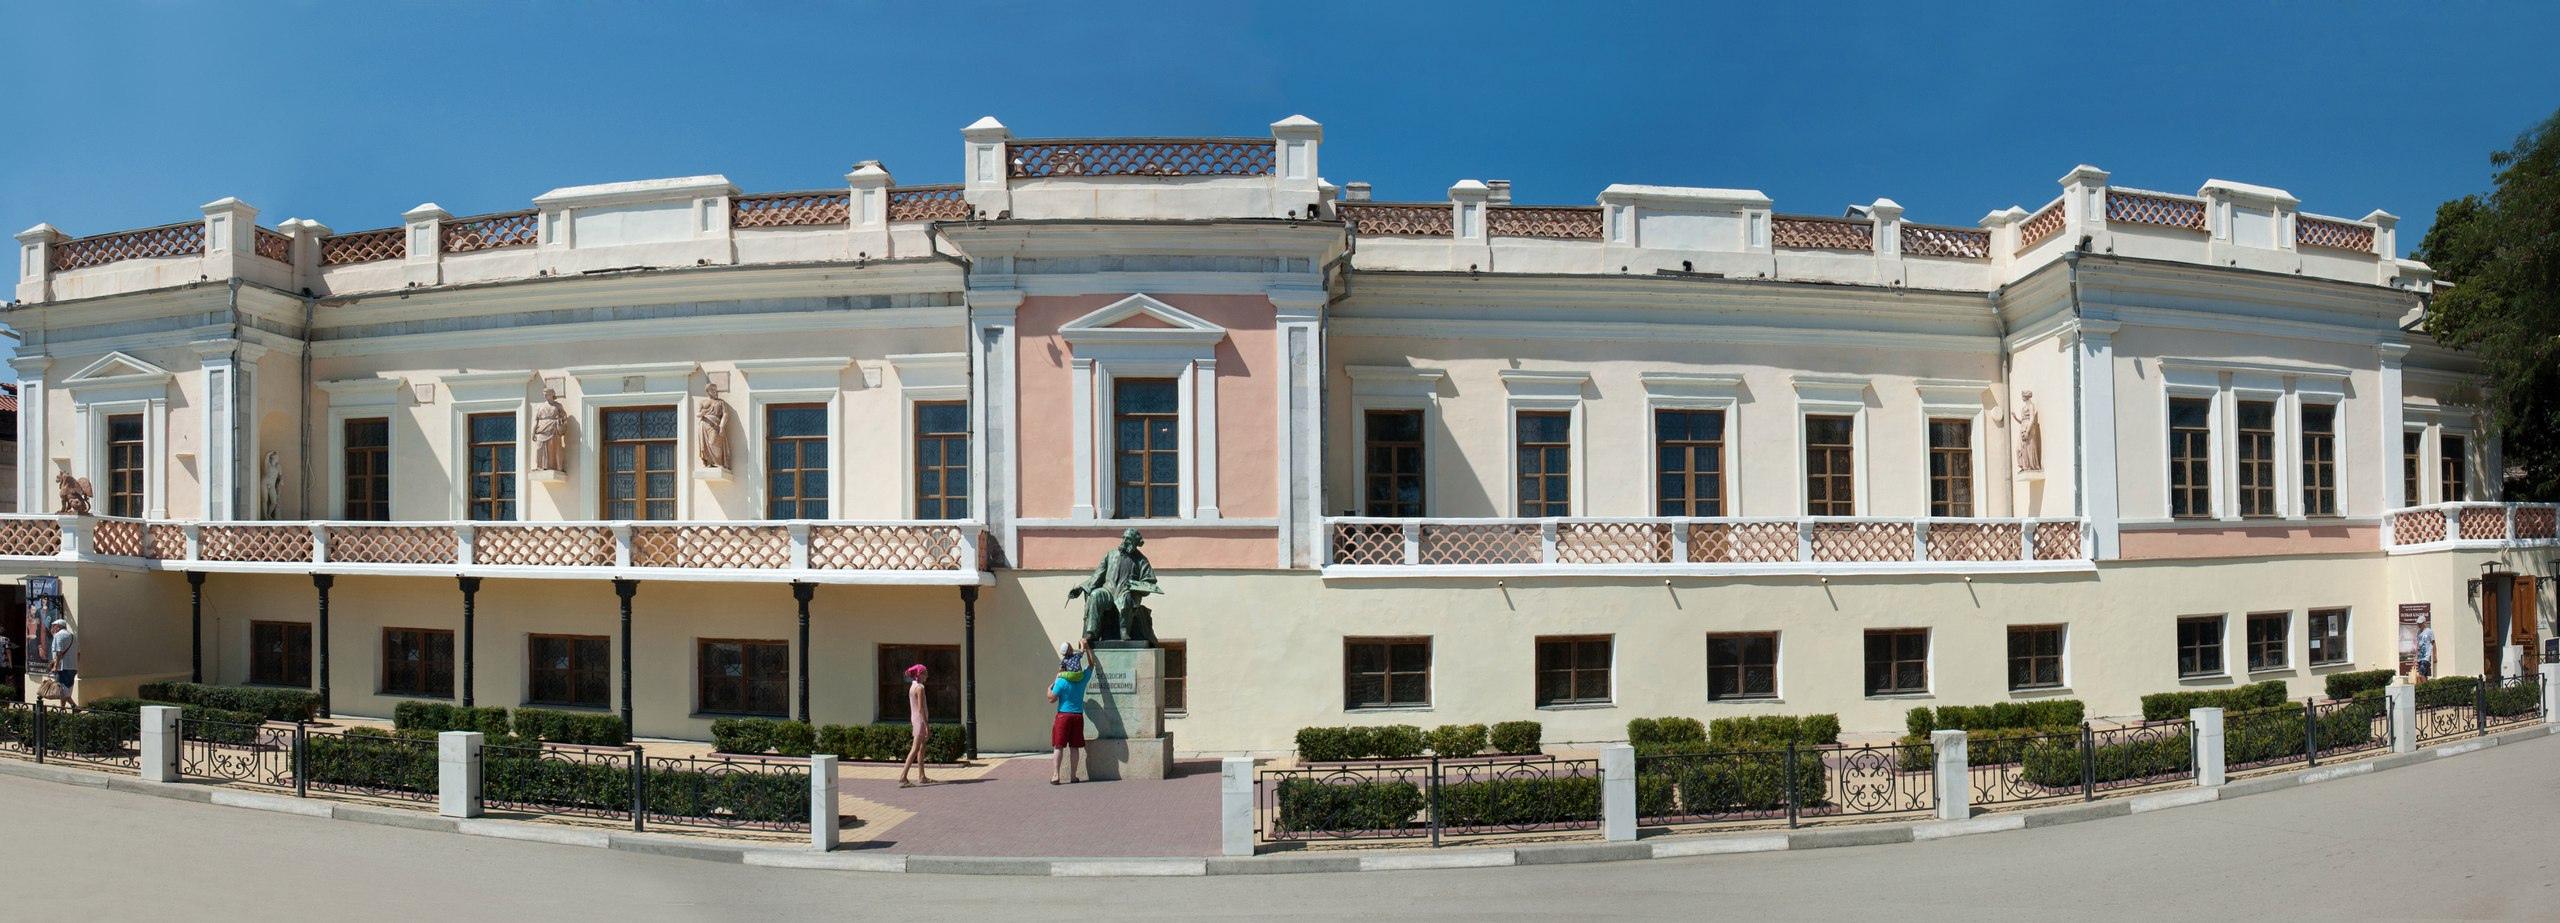 В Феодосии на год закрывается картинная галерея имени Айвазовского